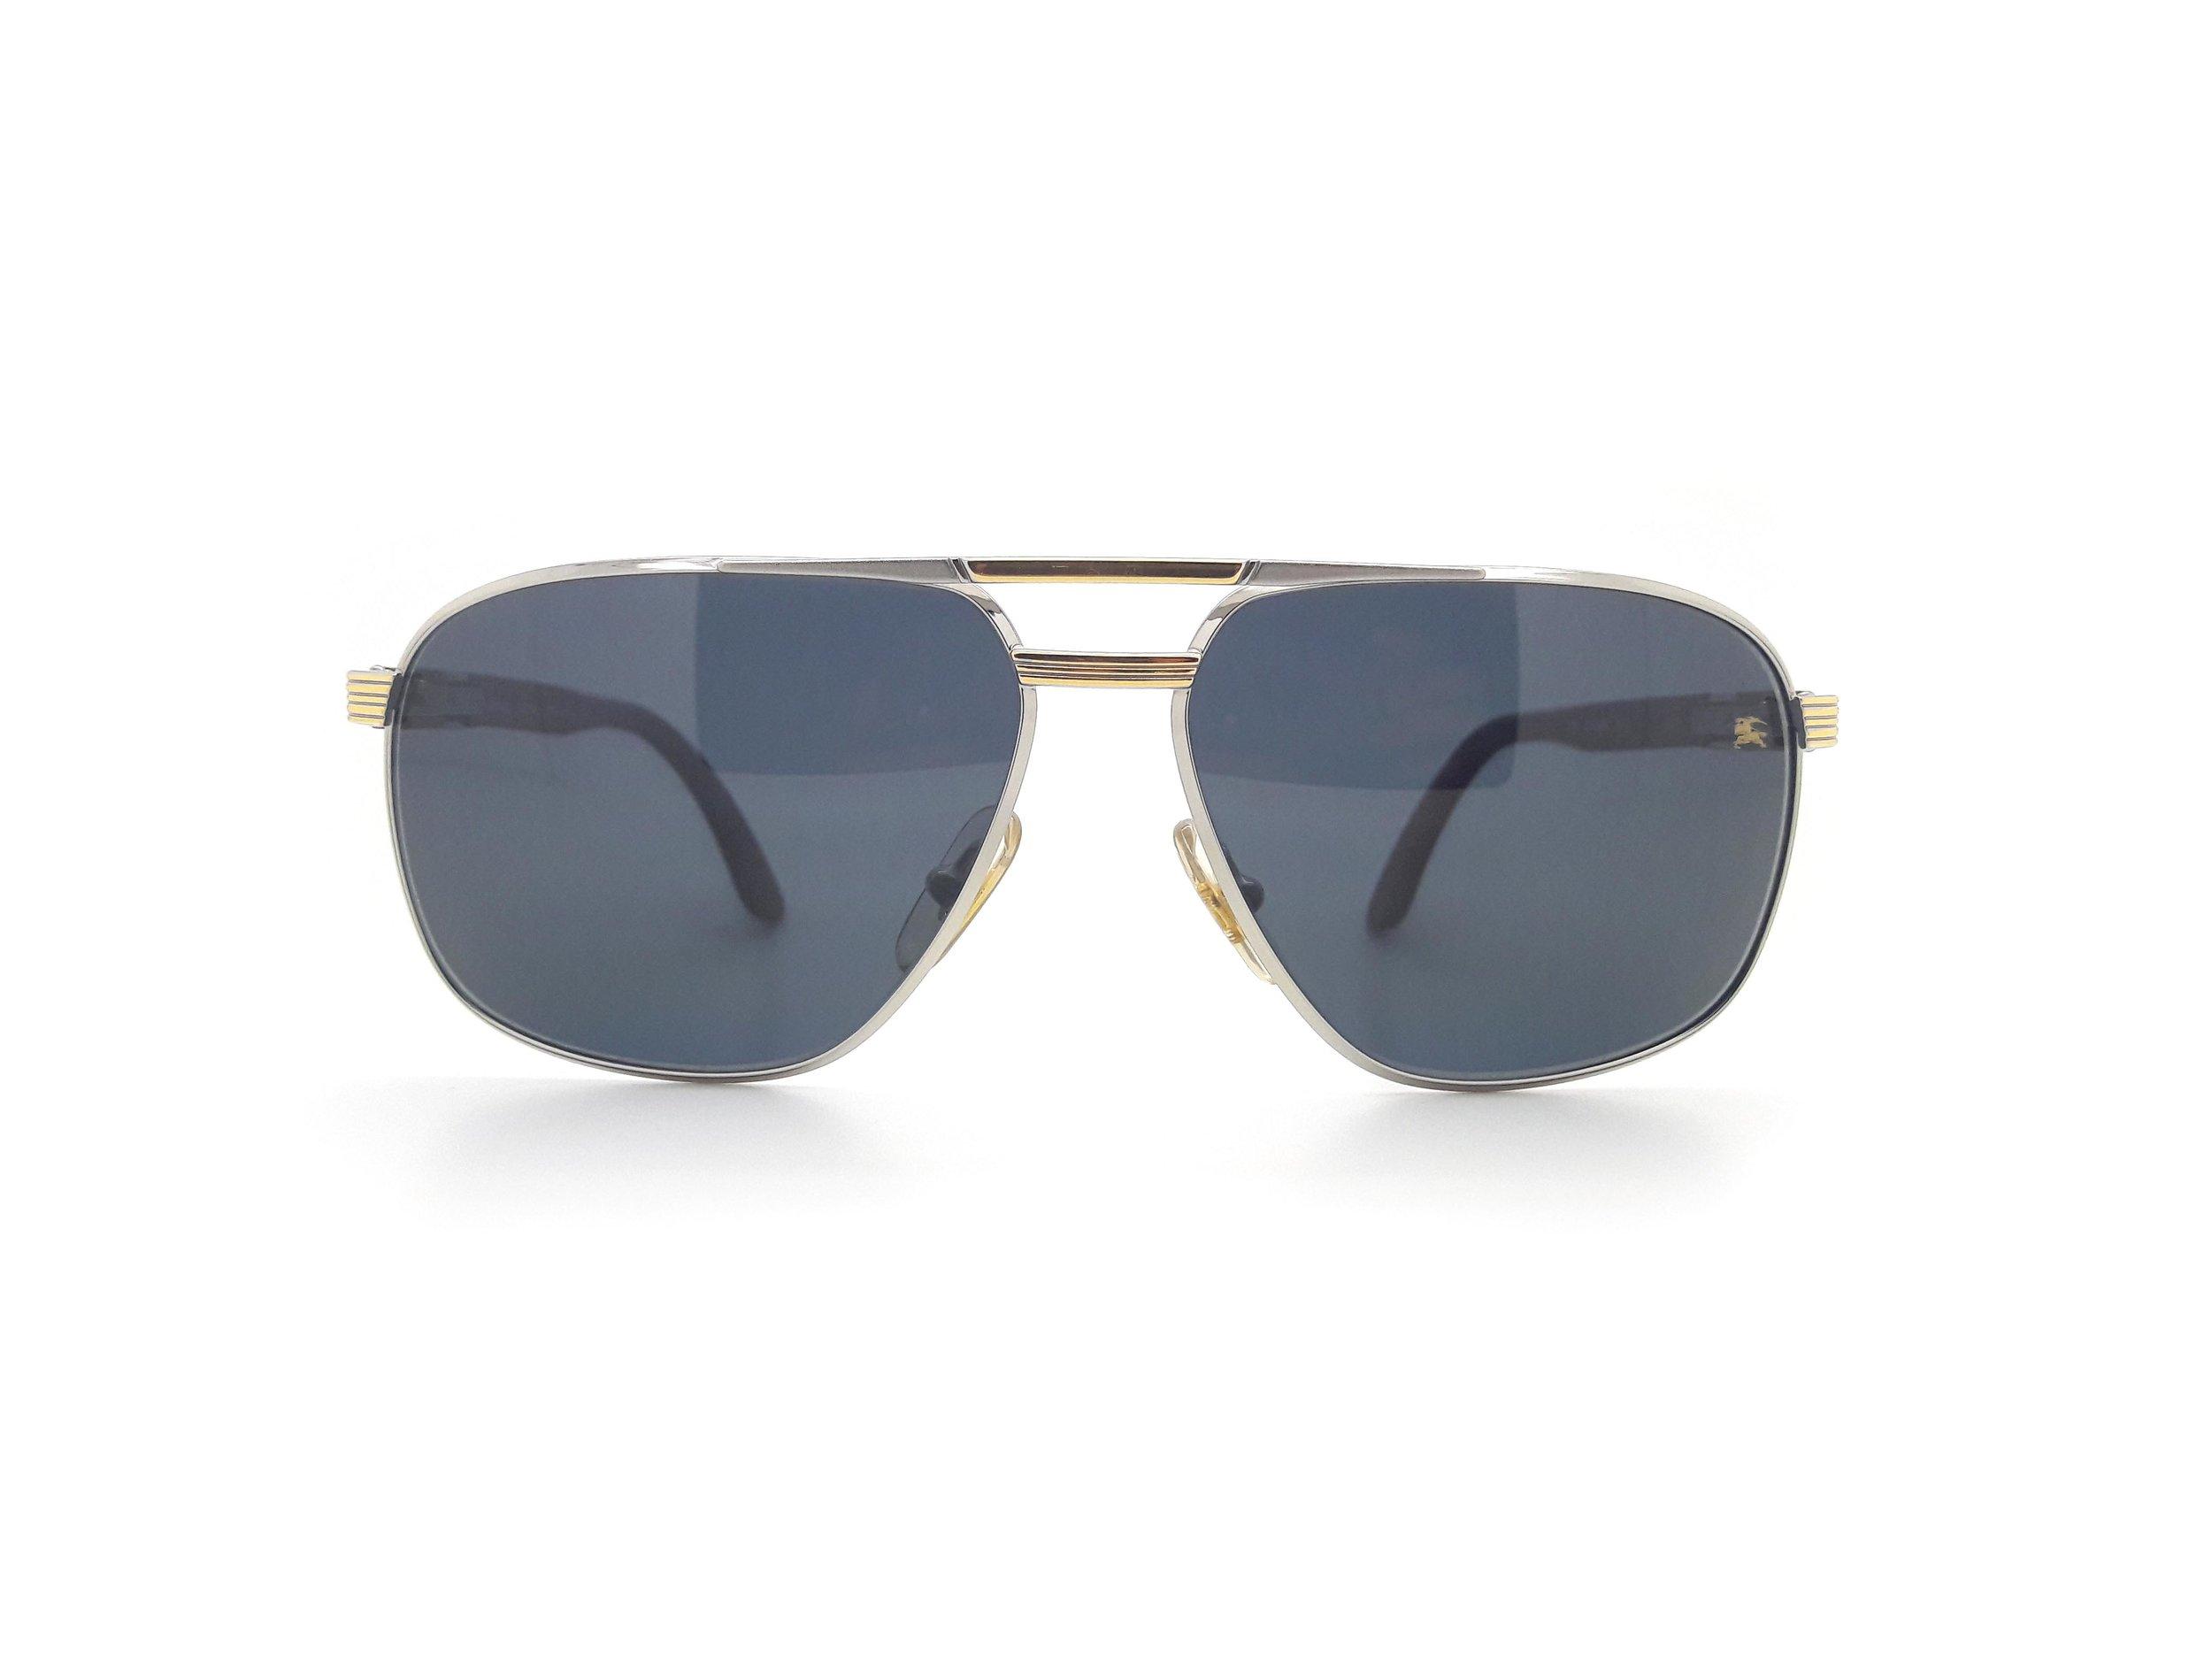 Burberry B8793/s SV1 Vintage Sunglasses — Ed & Sarna Vintage Eyewear